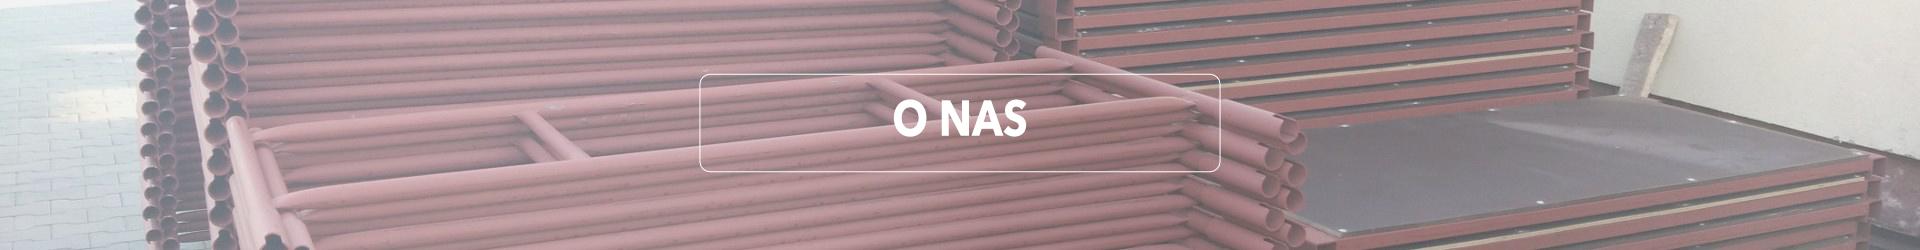 O-NAS-1920x250